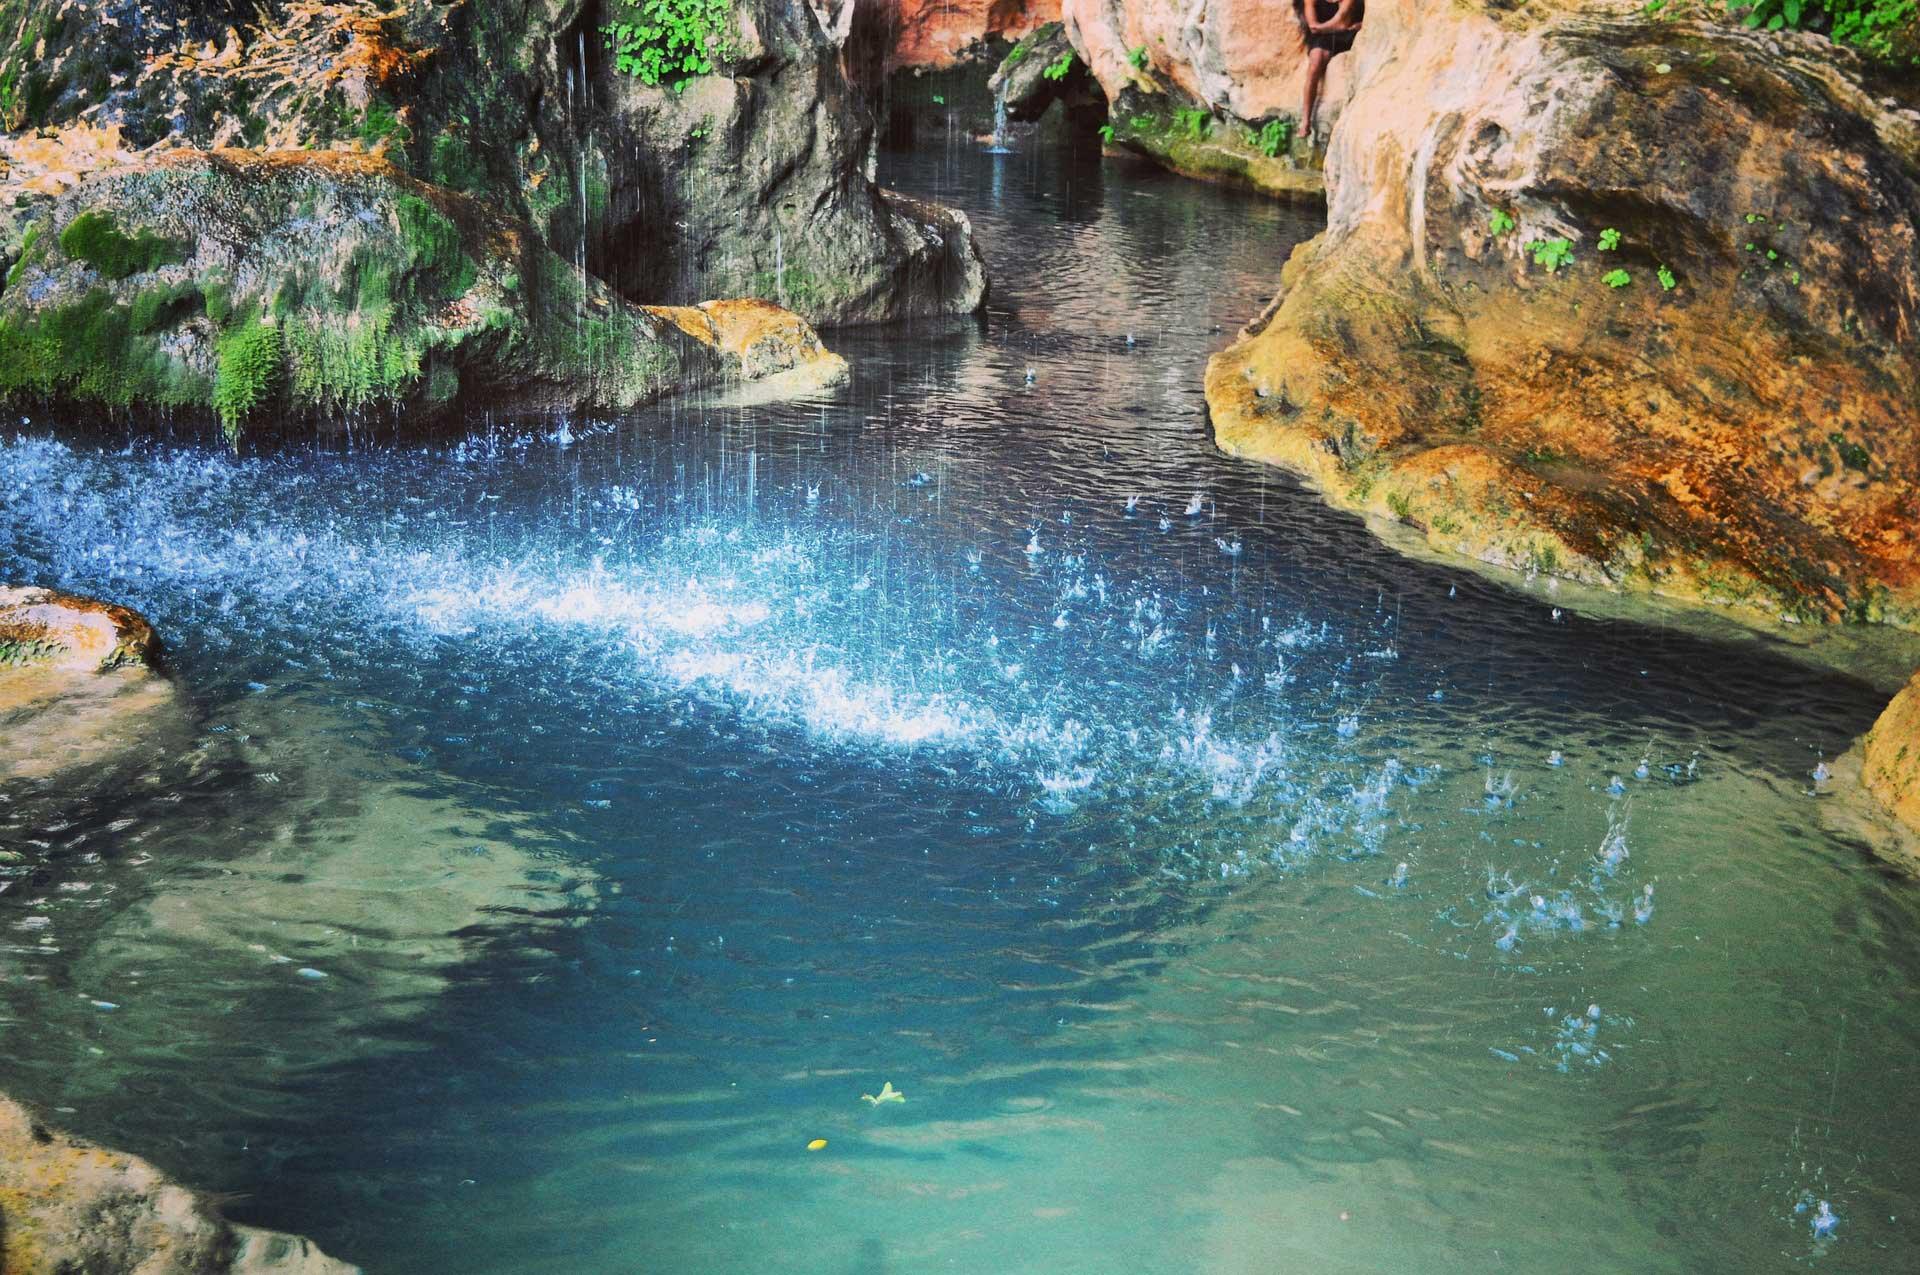 Marokko, Höhle, See